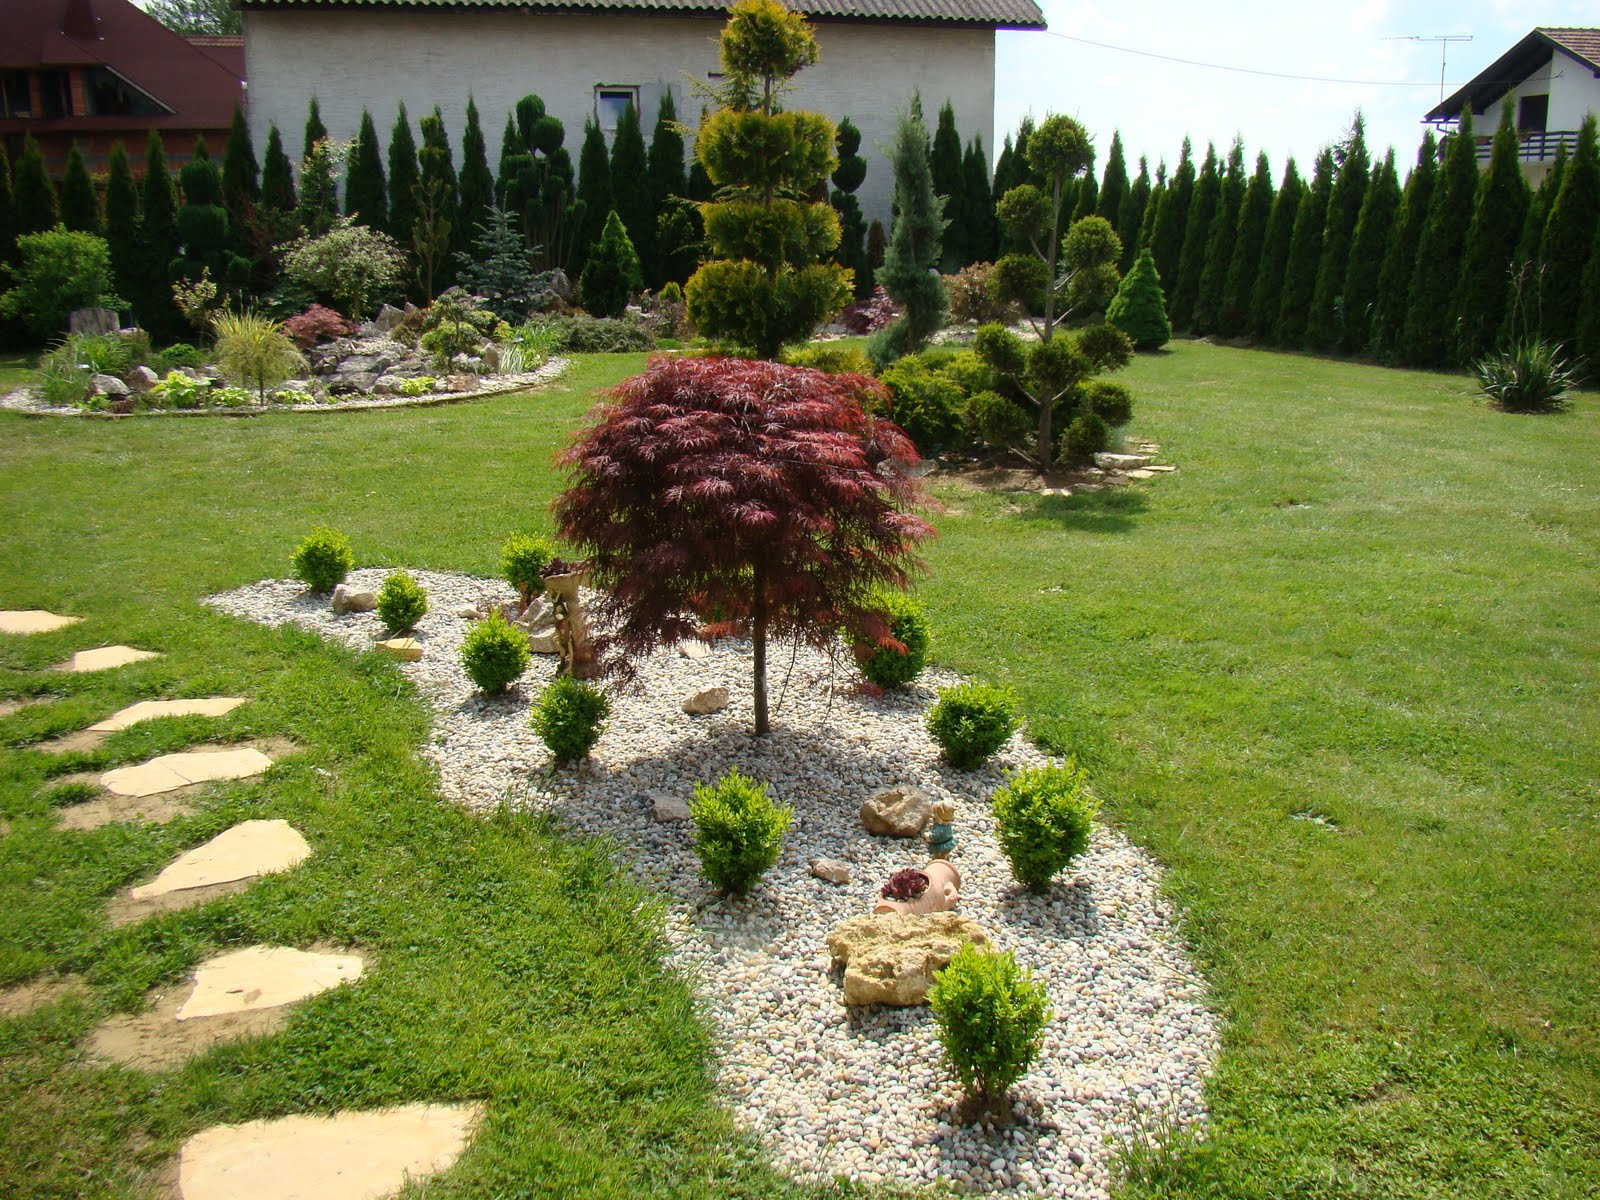 Moj lijepi vrt!: svibnja 2011